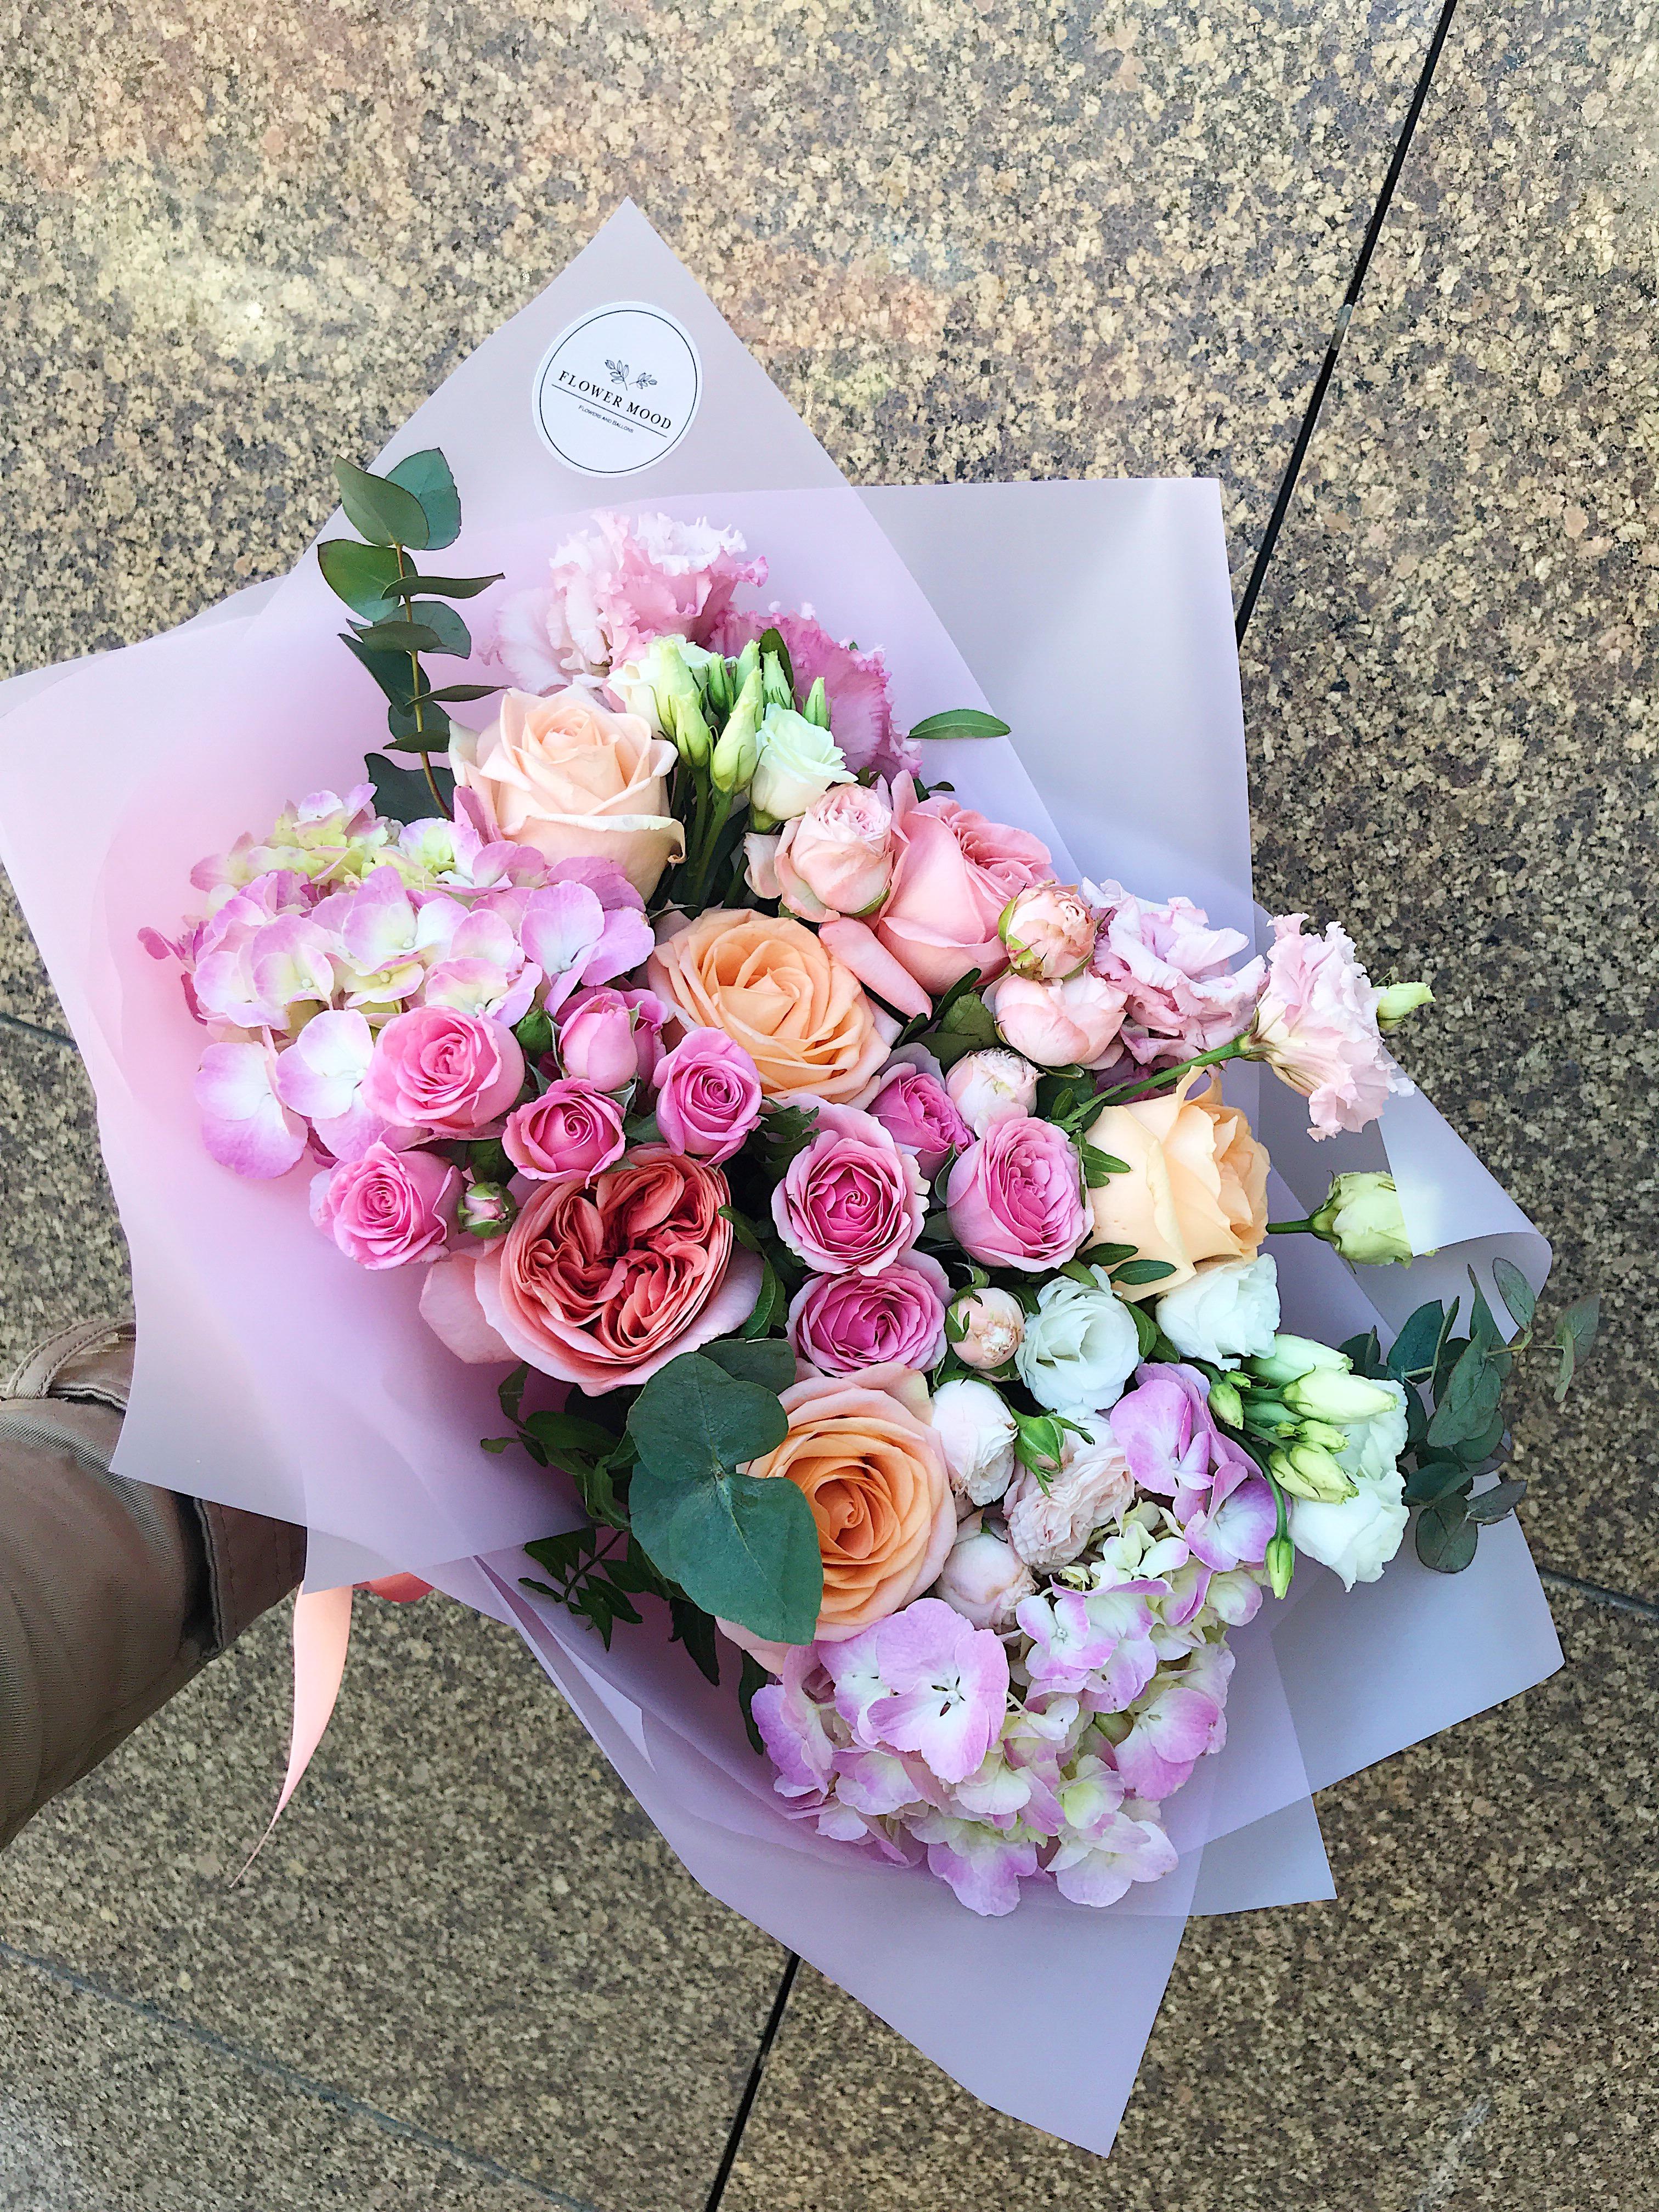 Букетов нижнем, доставка цветов ект